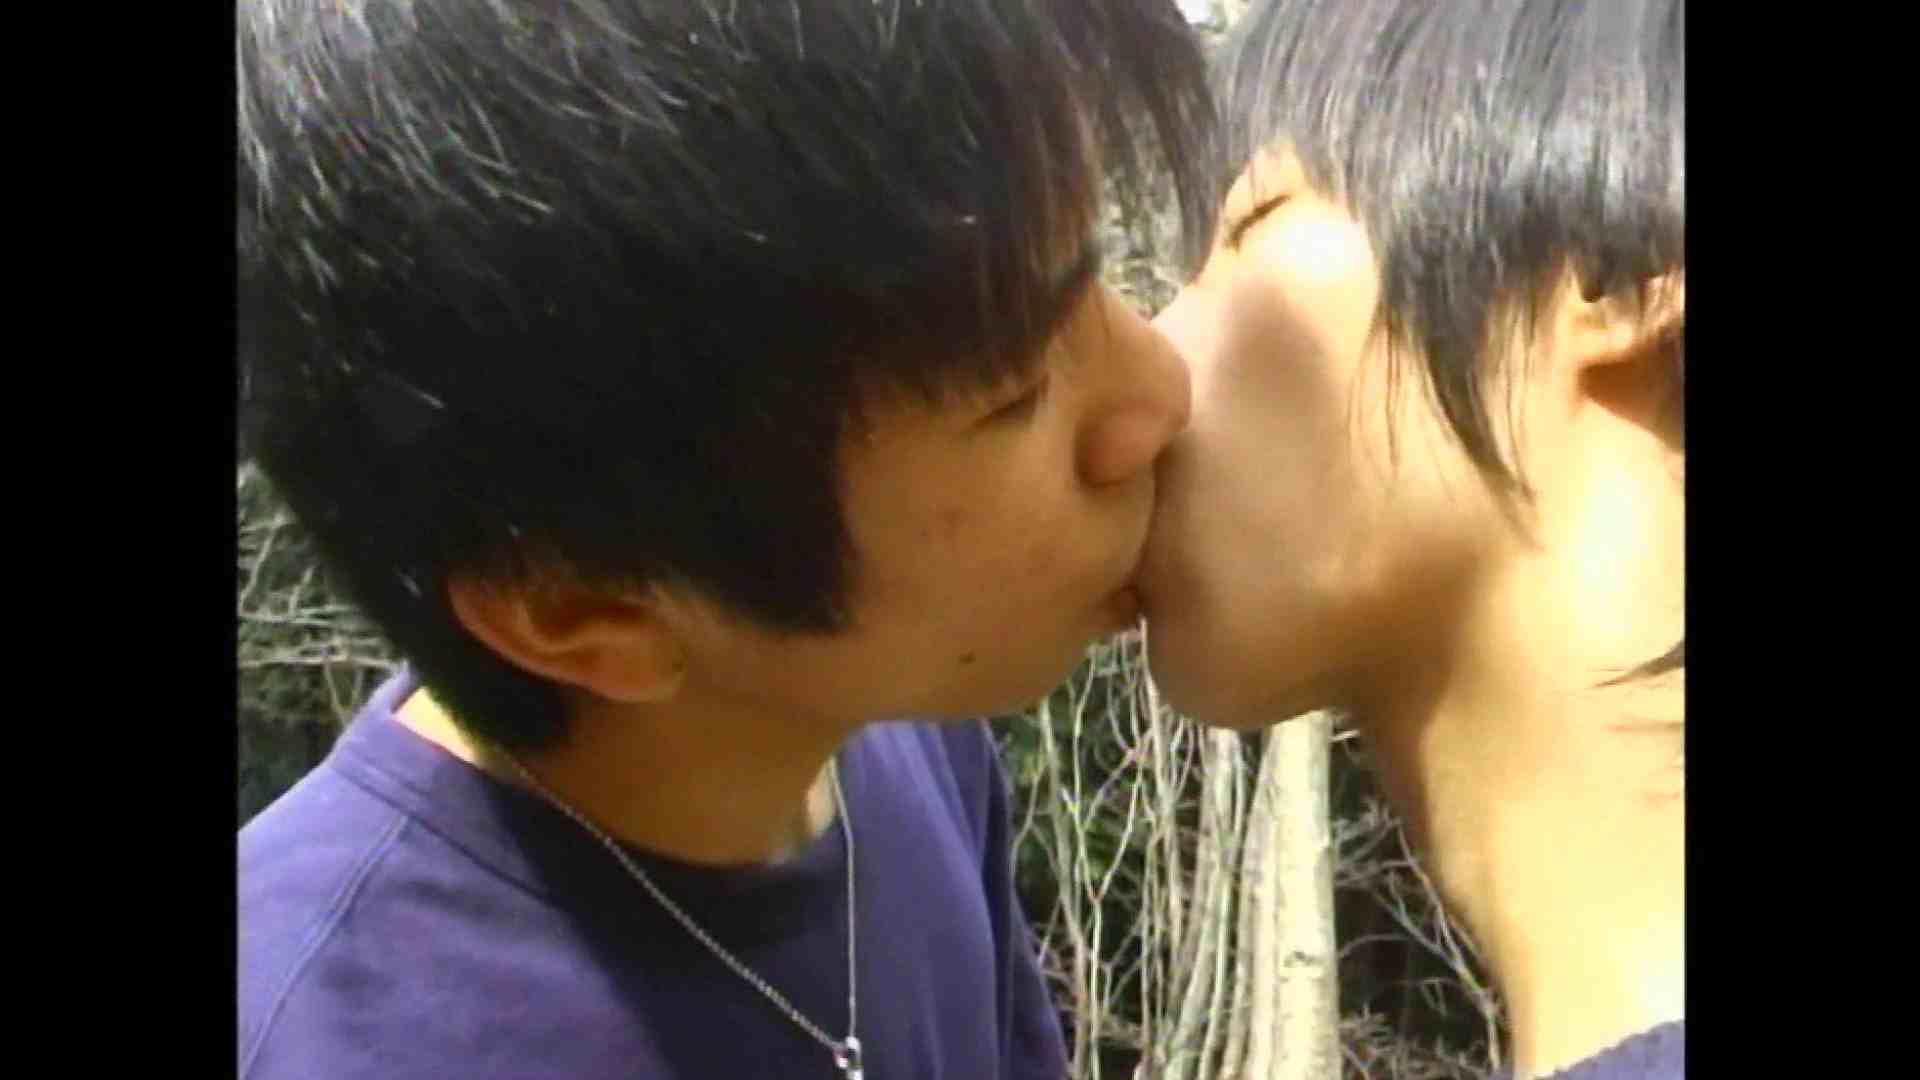 無修正セックス盗撮:GAYBOY宏のオカズ倉庫Vol.5-4:入浴・シャワー